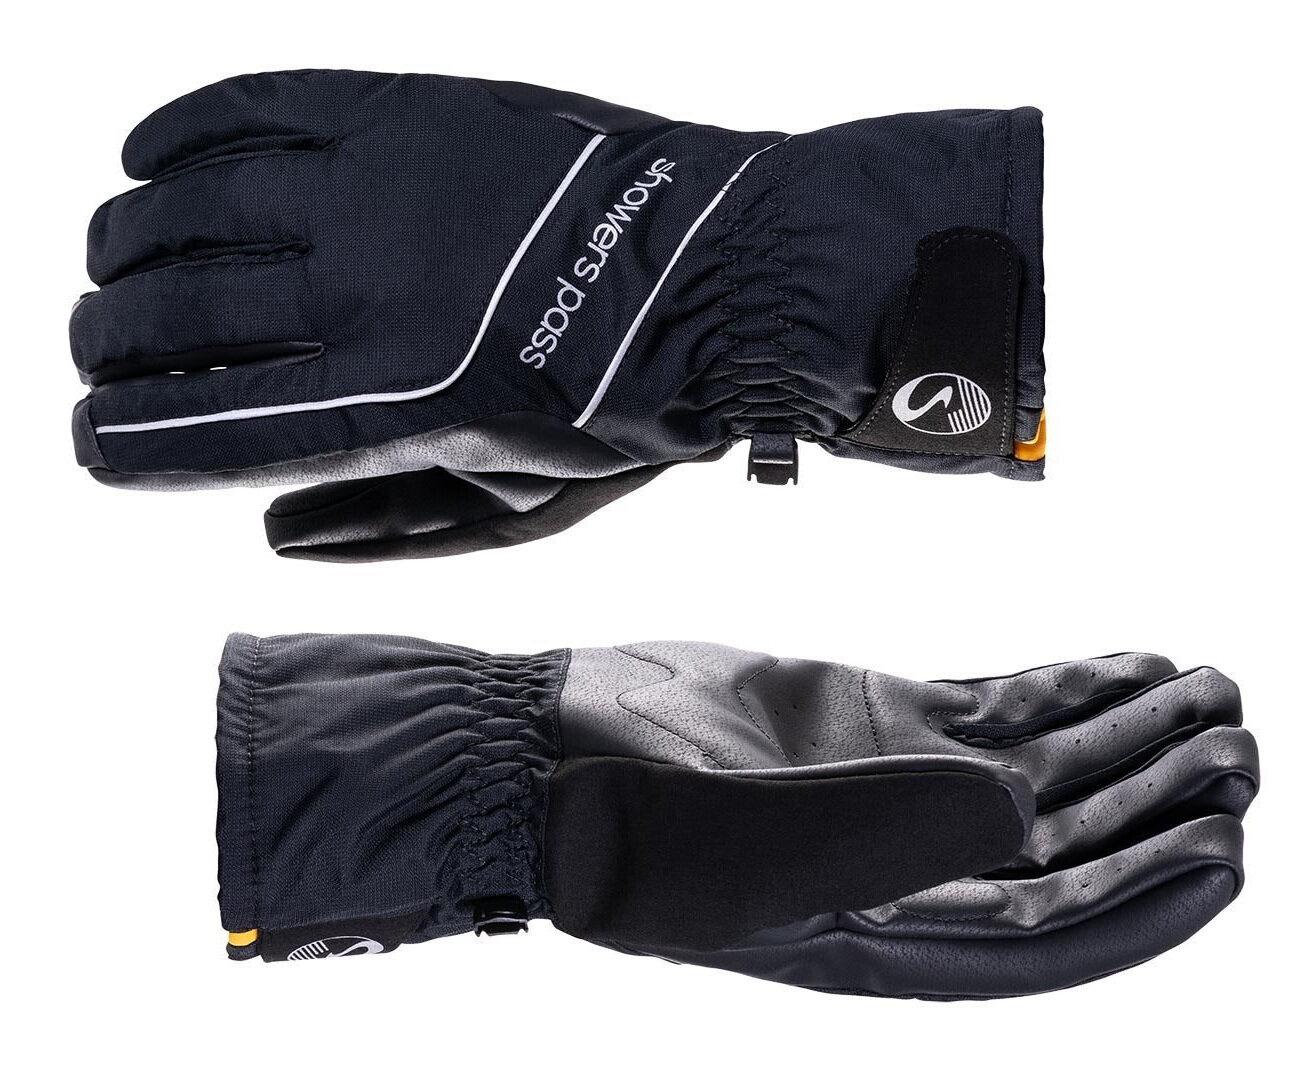 Showers Pass Crosspoint Hardshell Waterproof Glove